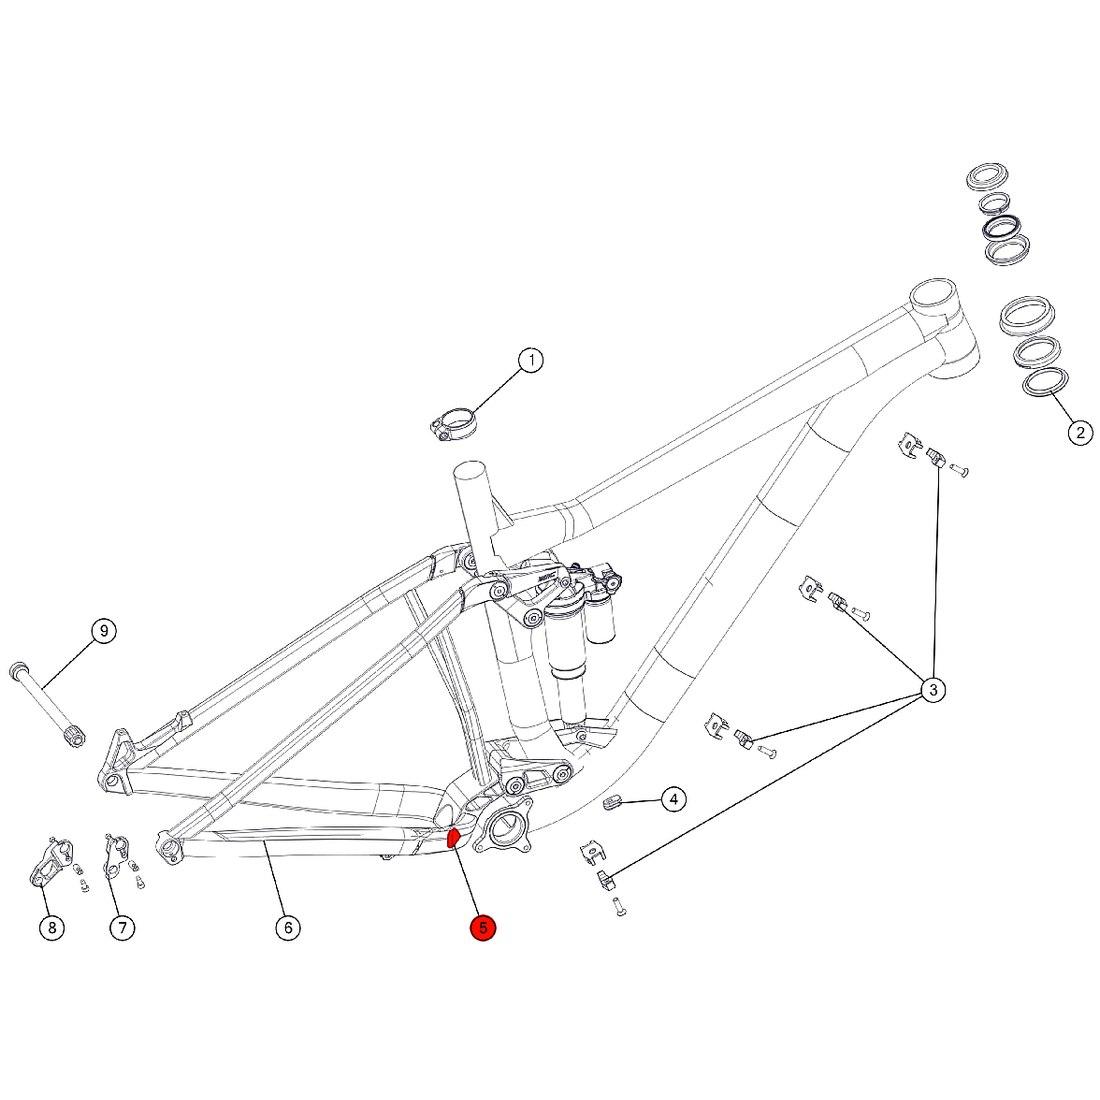 BMC Anti Chainsuck Plate for Trailfox 02 / 03 (MY 2018) - 301187 - silver